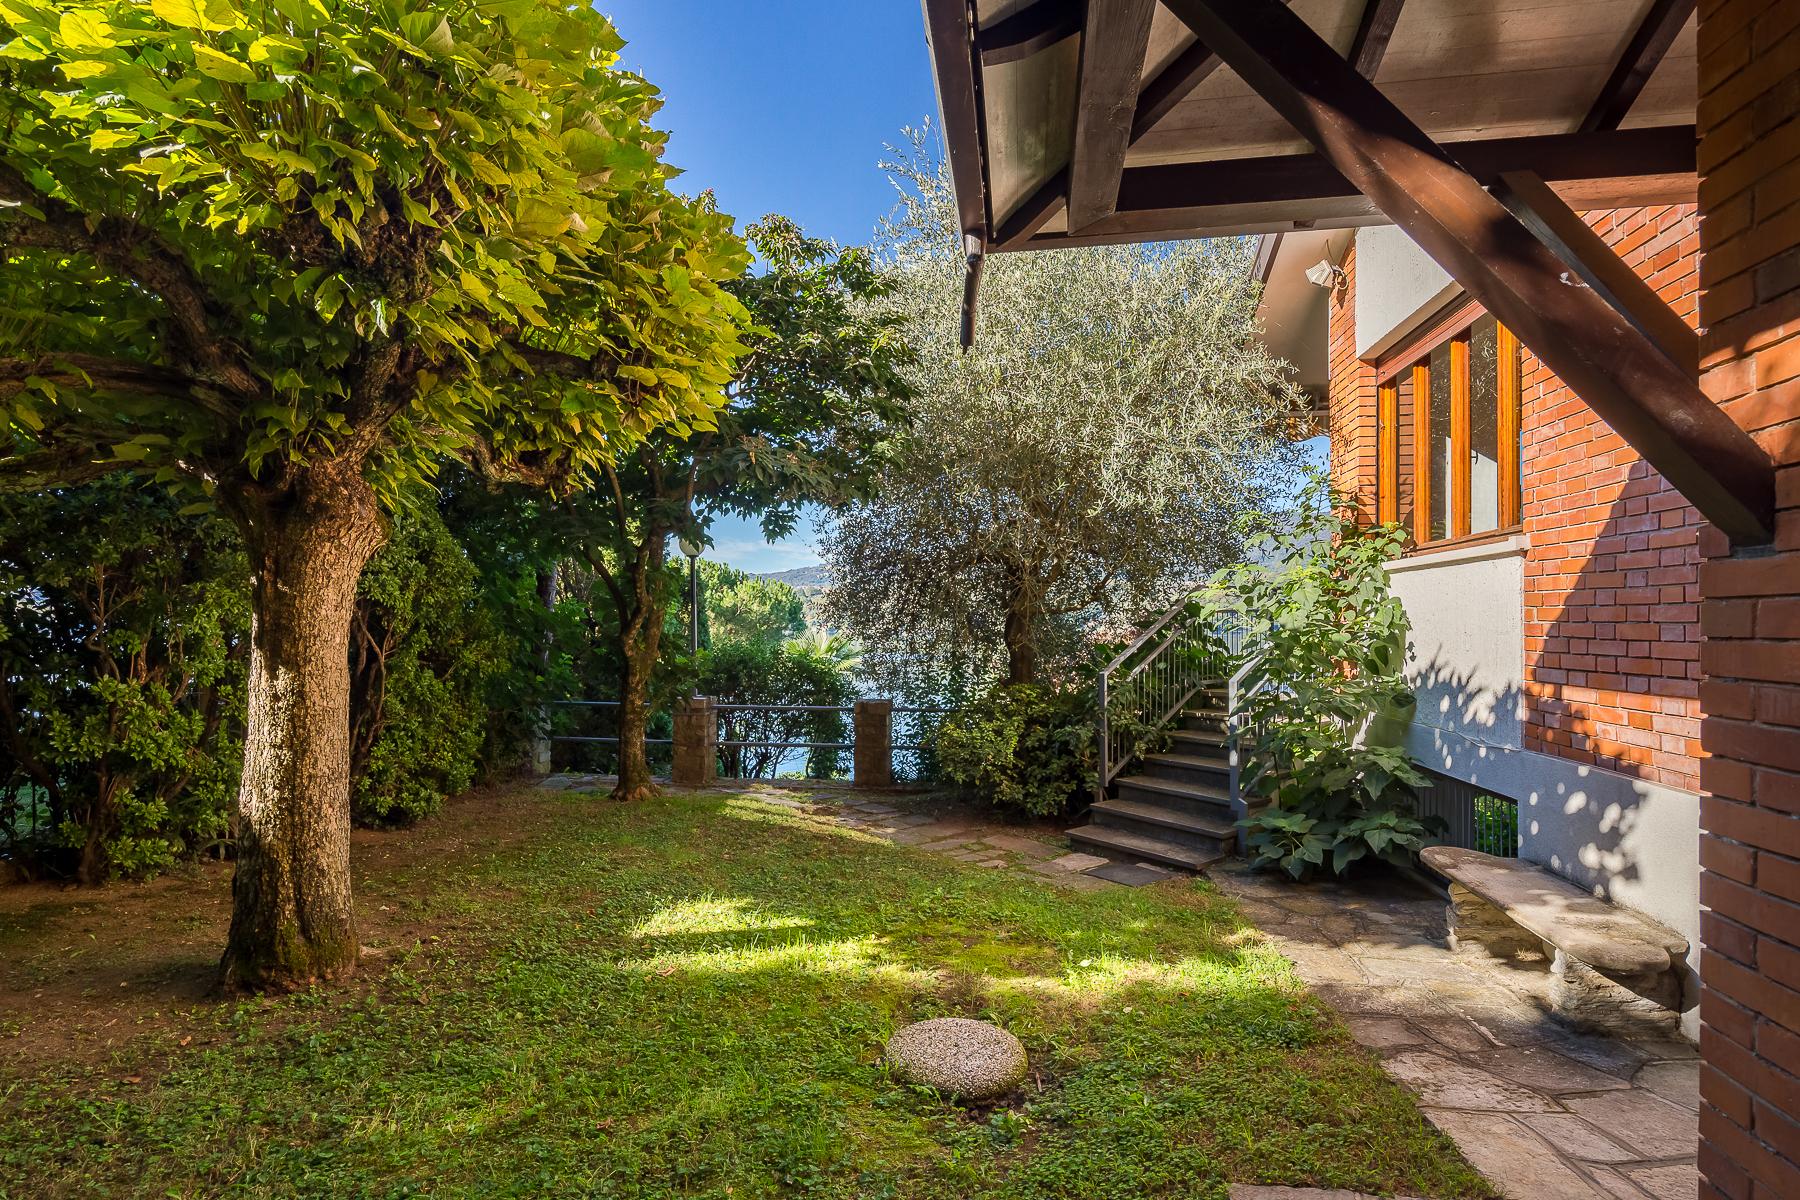 Villa in Vendita a Orta San Giulio: 5 locali, 180 mq - Foto 8